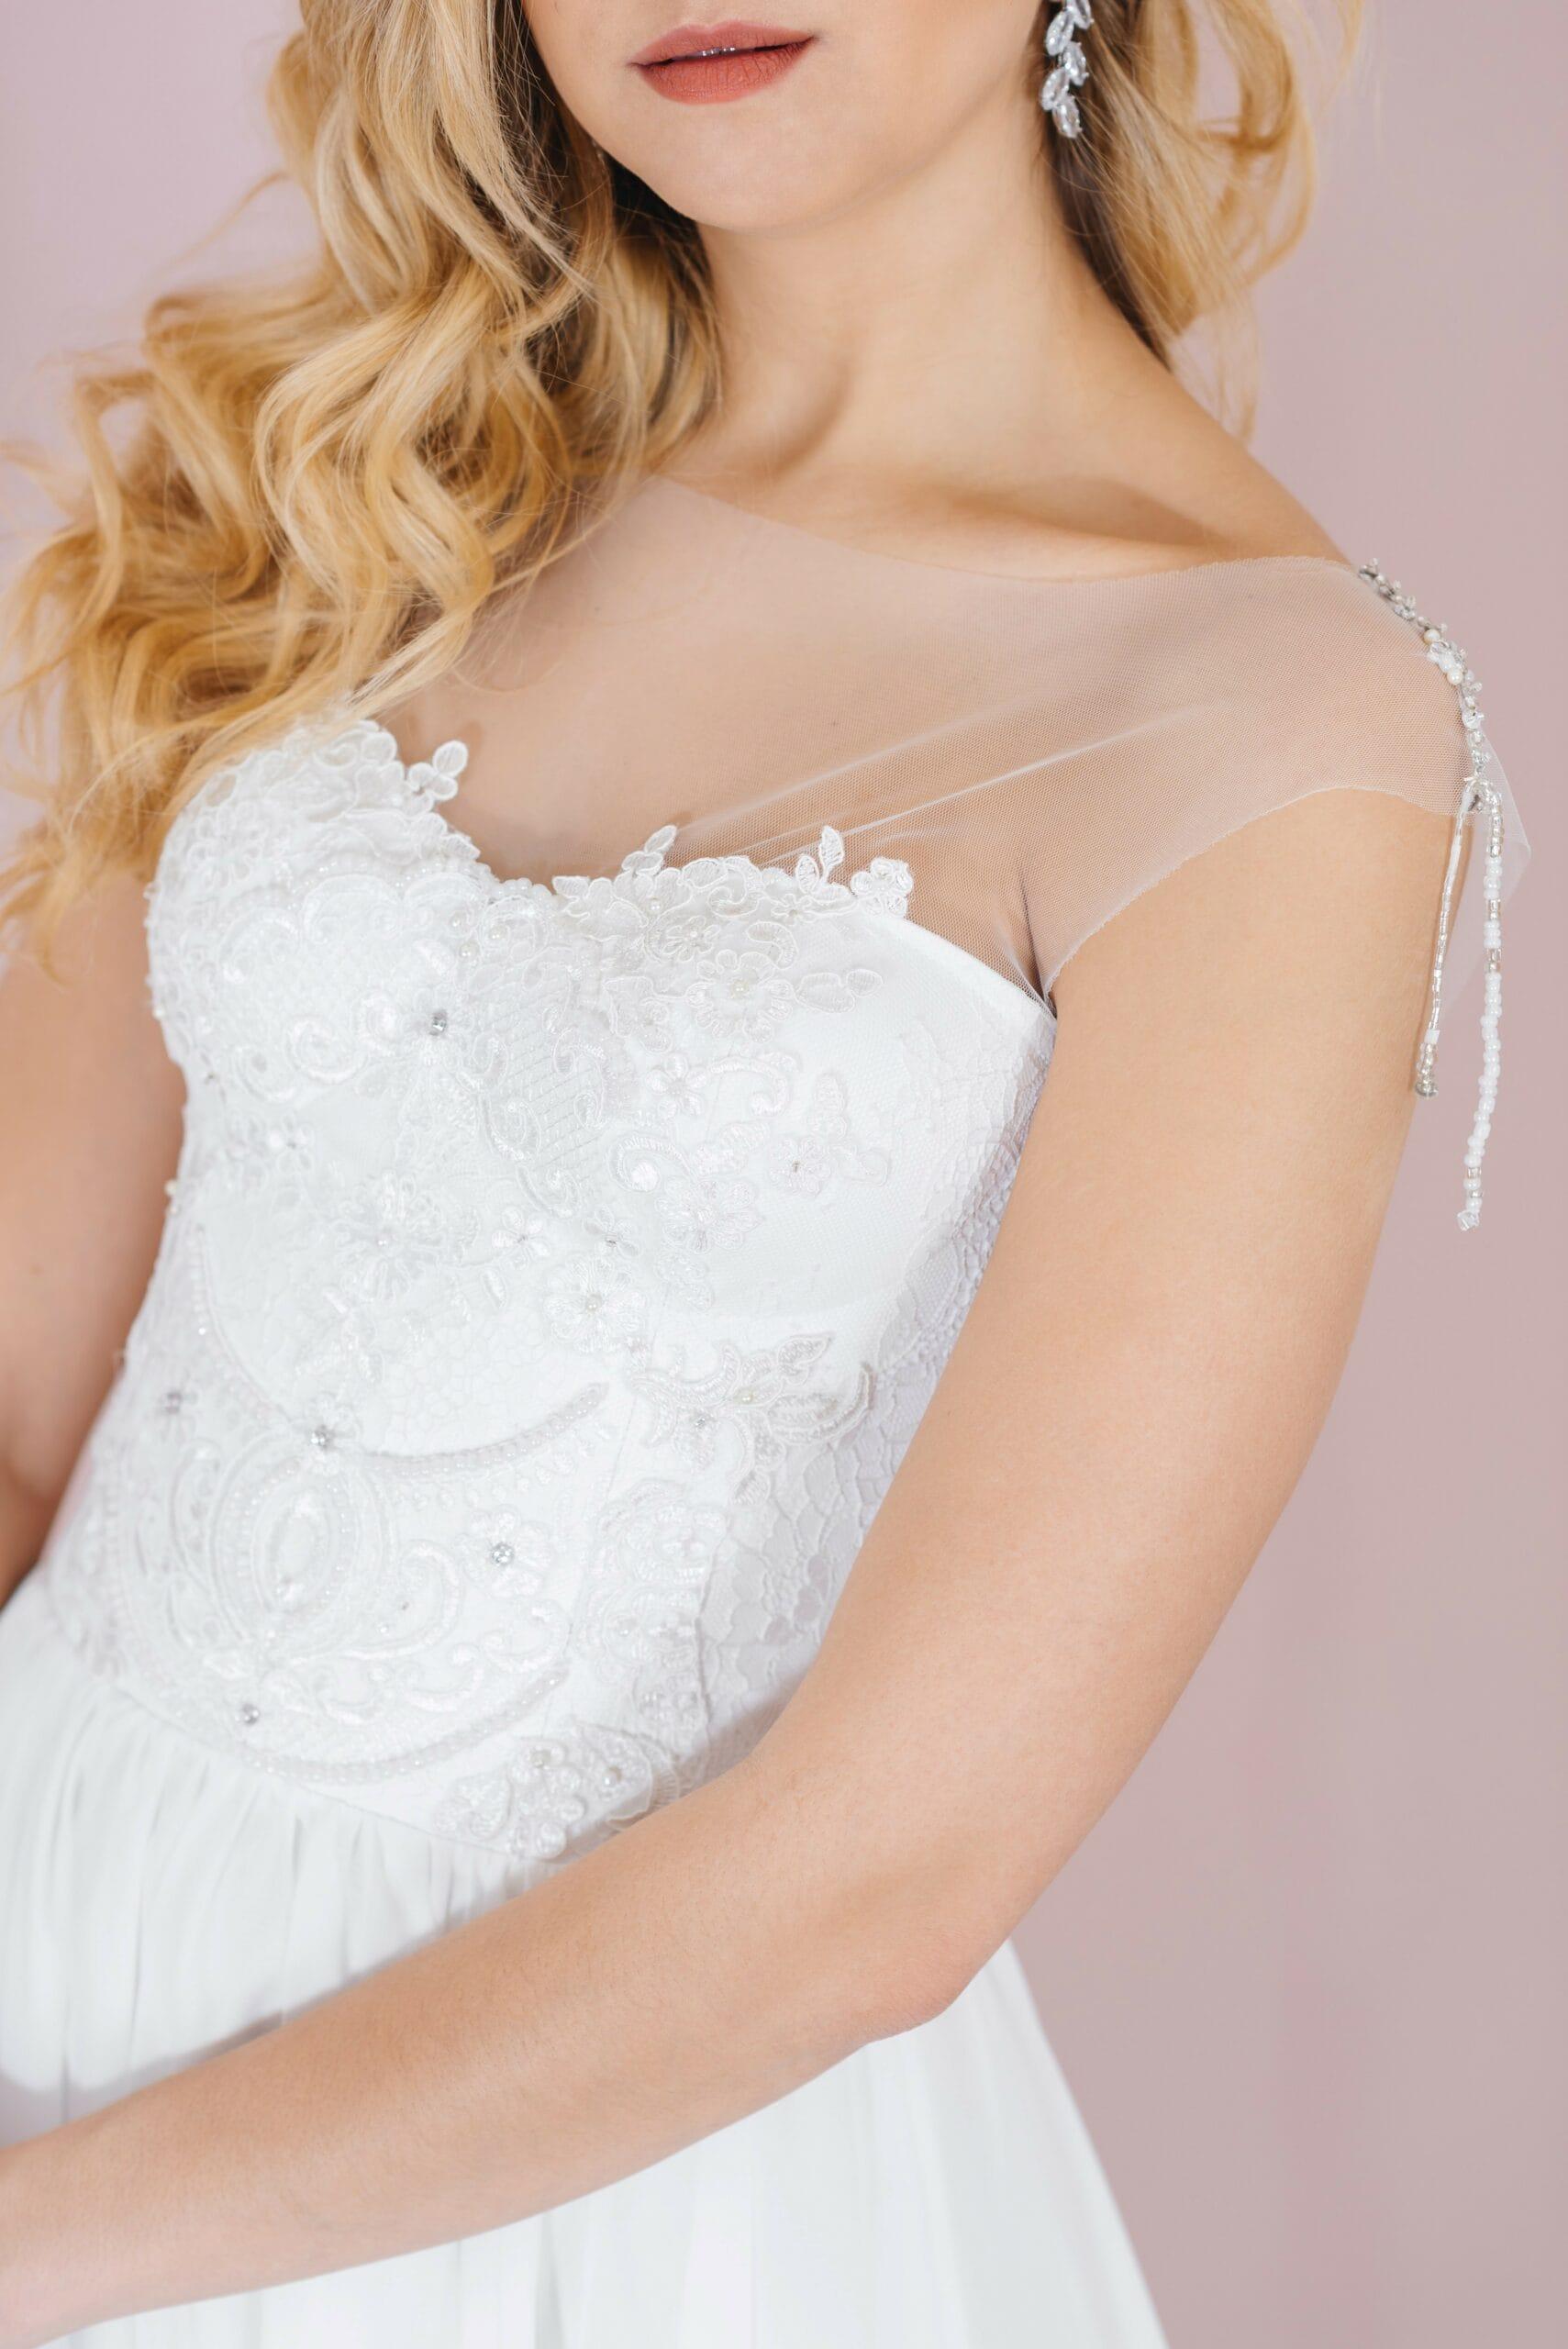 Свадебное платье HILARY, коллекция LOFT, бренд RARE BRIDAL, фото 4